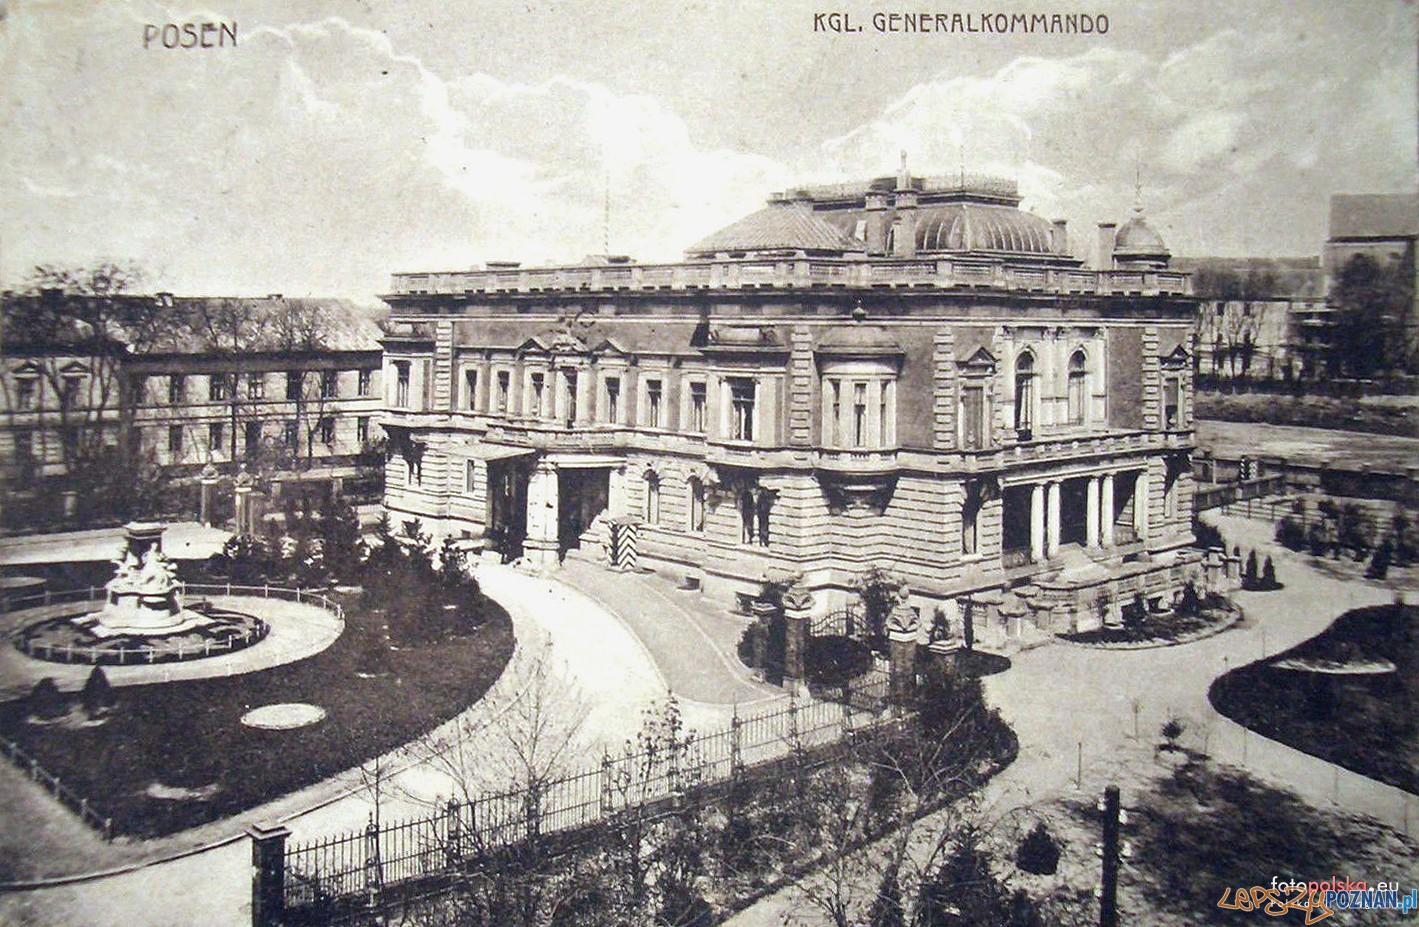 Wojskowa komendantura miasta - Dowództwo Naczelne V Korpusu Armijnego -  Poznań - 1912 rok  Foto: